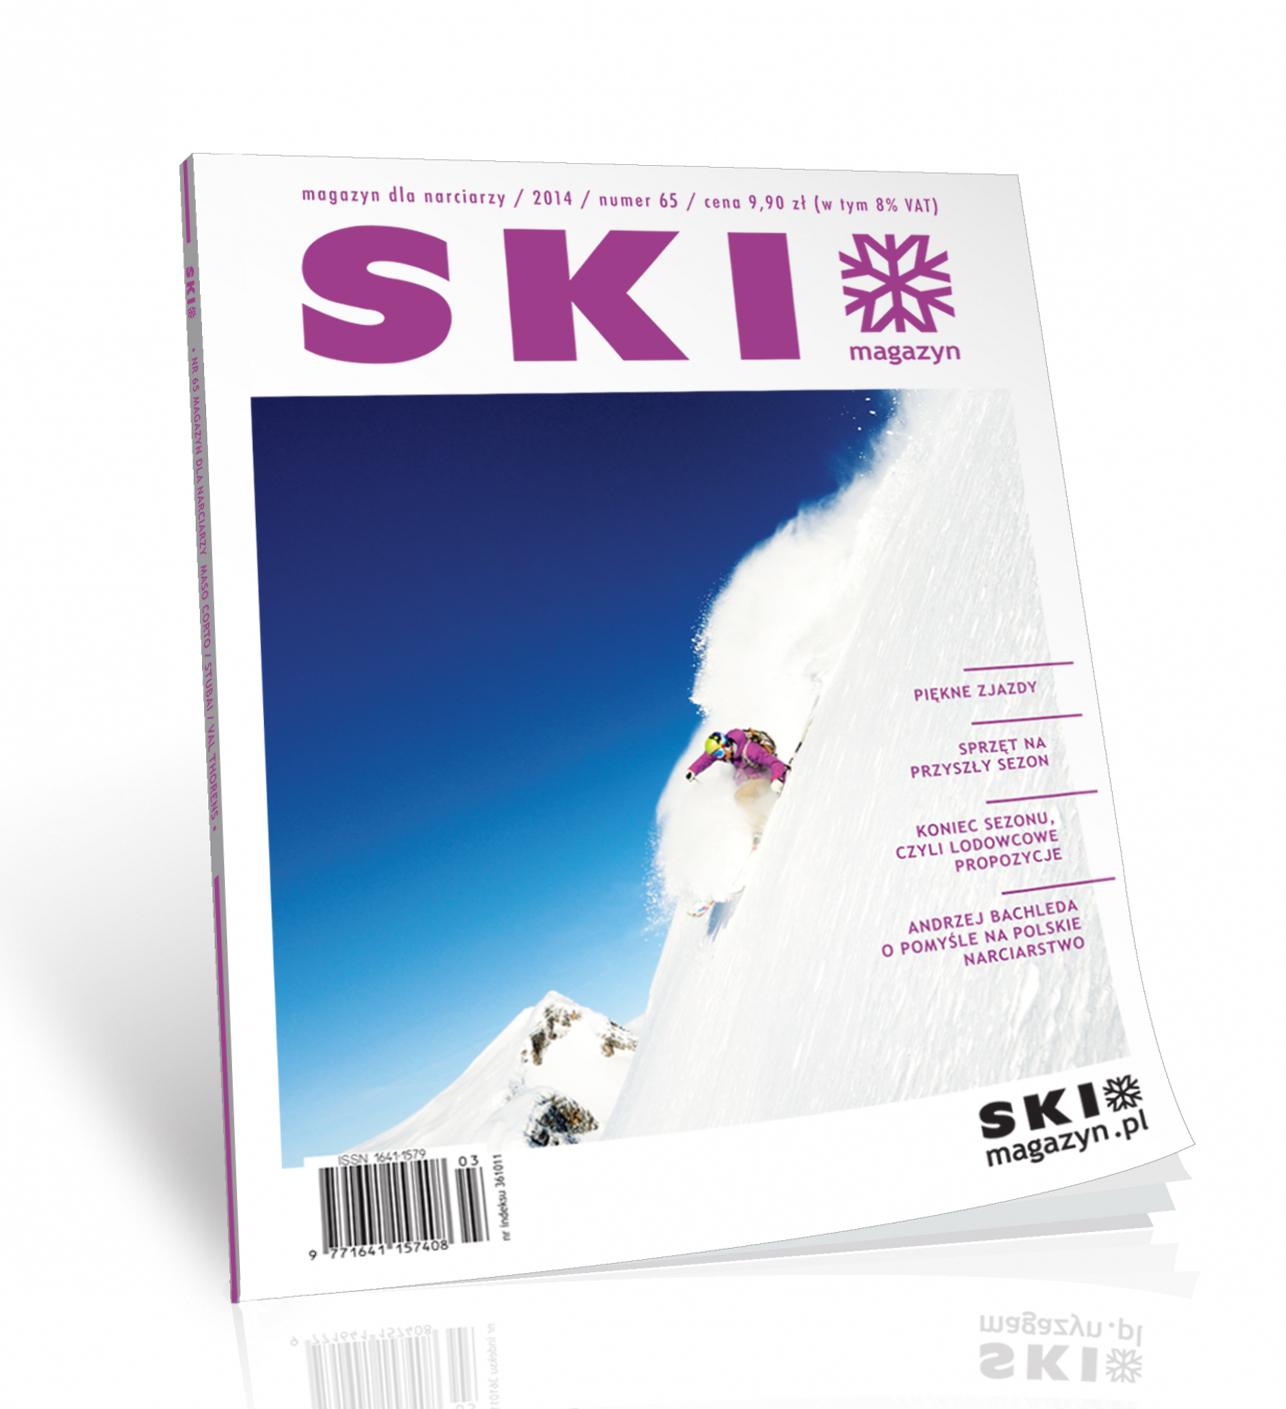 SKI Magazyn #65